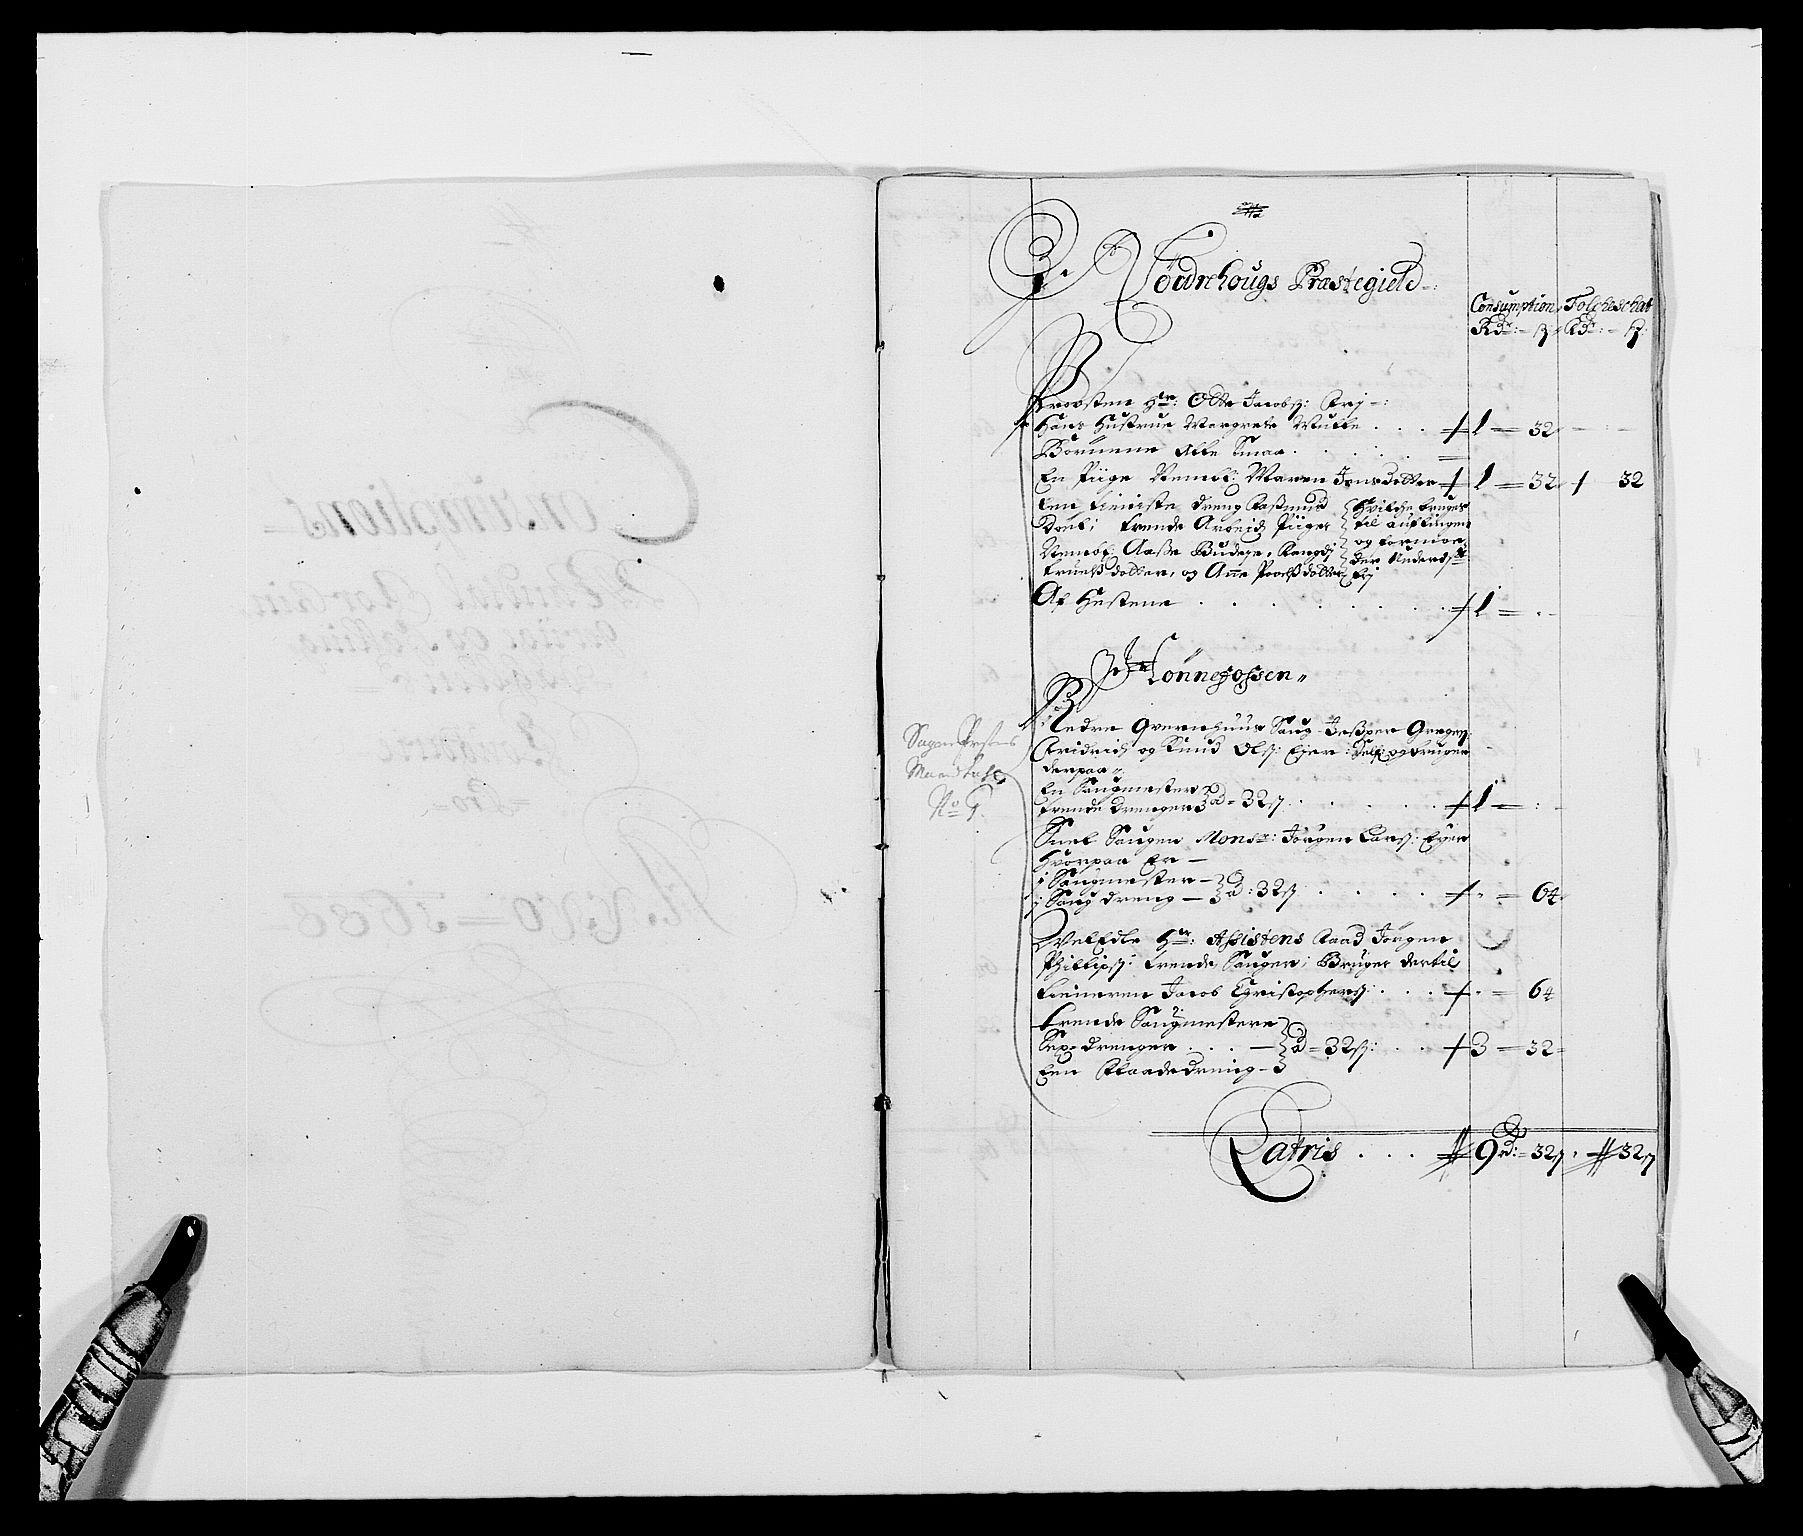 RA, Rentekammeret inntil 1814, Reviderte regnskaper, Fogderegnskap, R21/L1447: Fogderegnskap Ringerike og Hallingdal, 1687-1689, s. 187